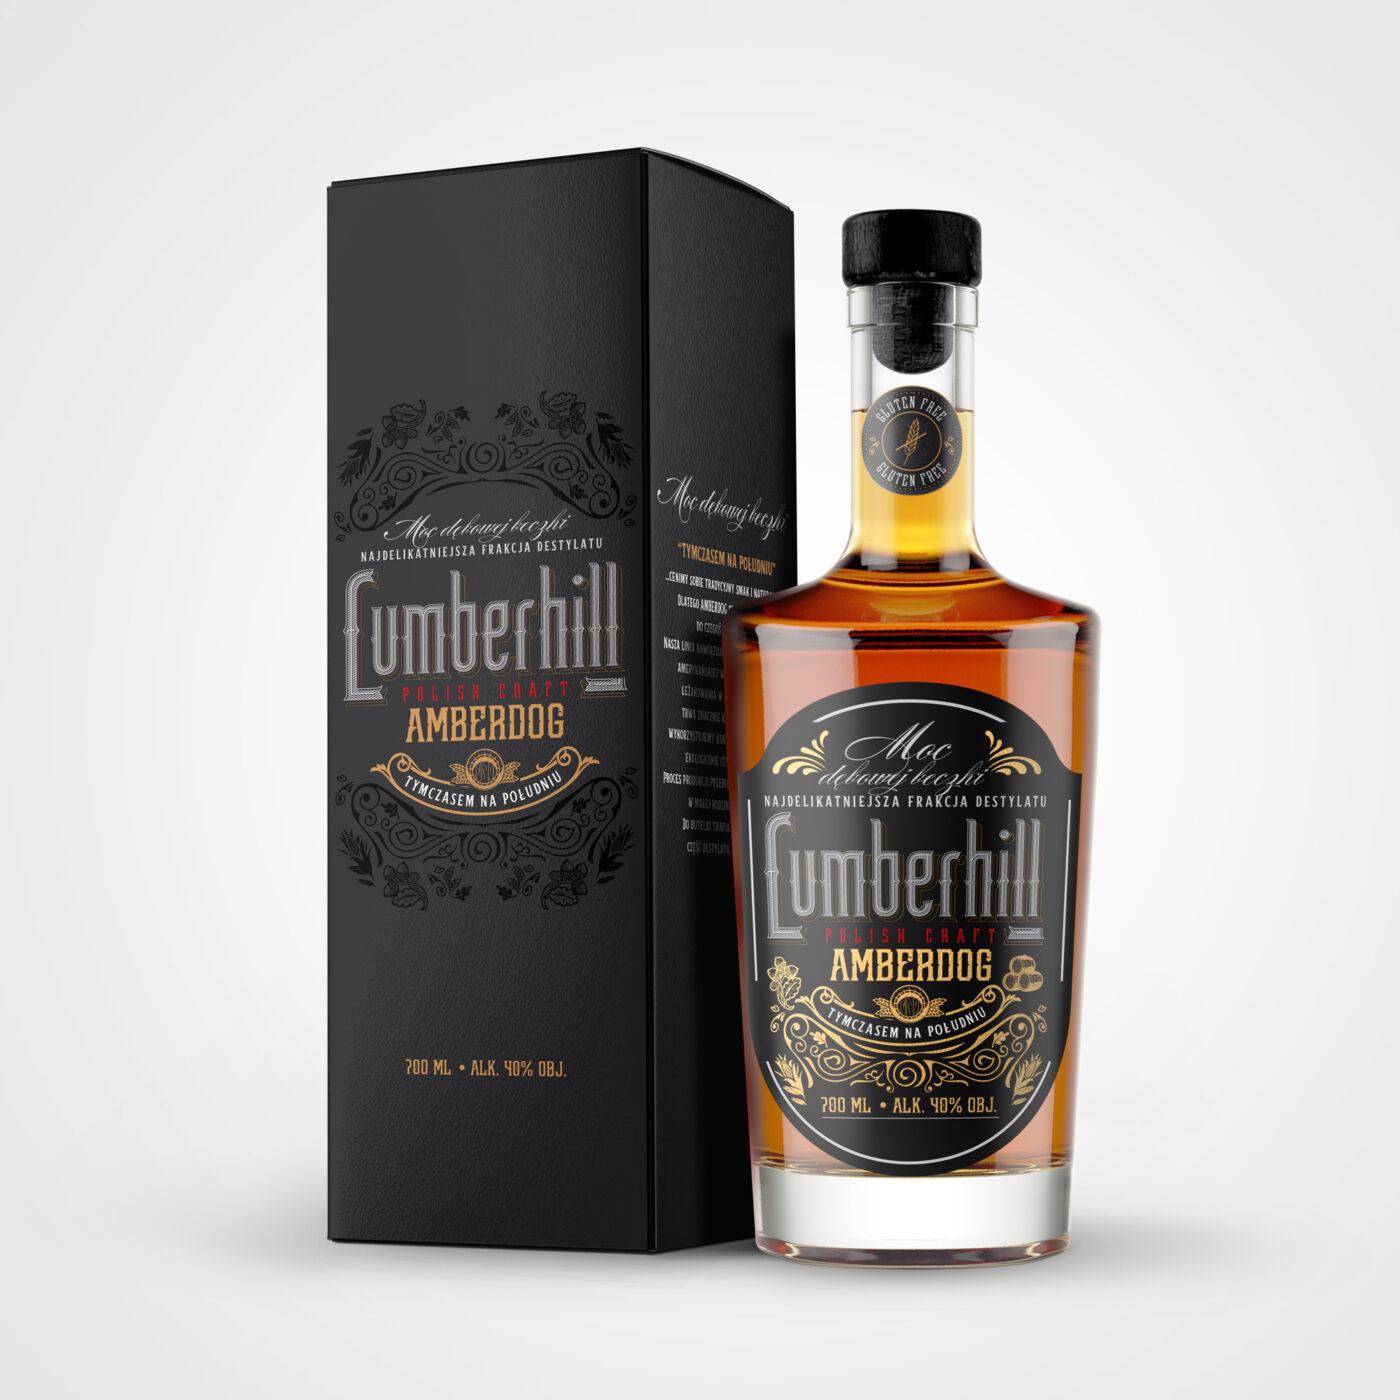 Projekt Lumberhill packaging label